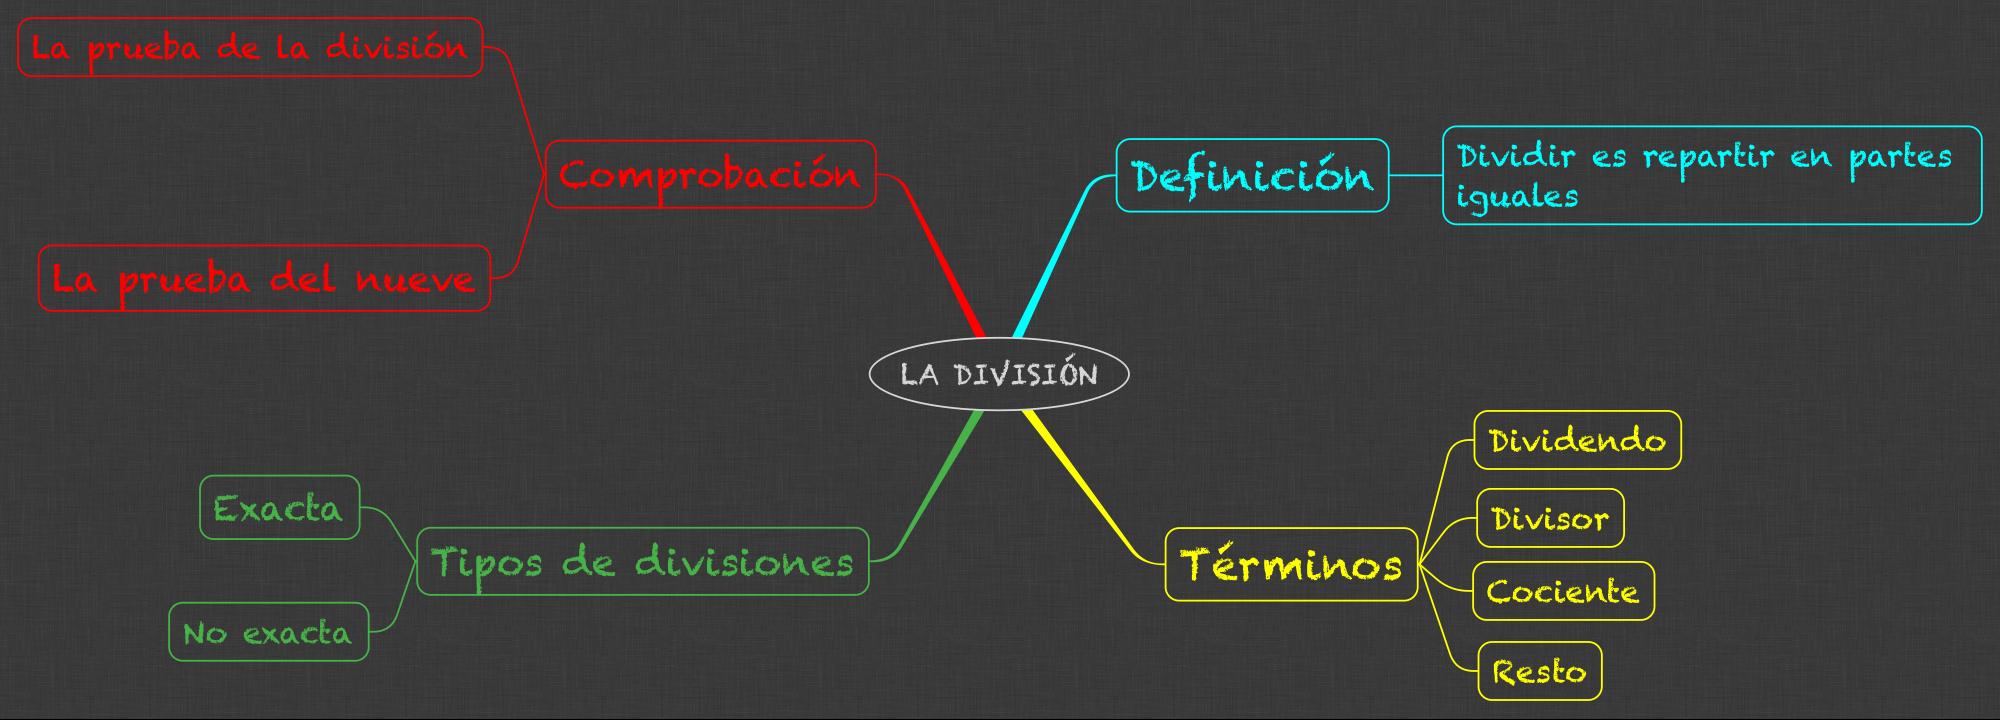 MATEMÁTICAS_LA DIVISIÓN_3